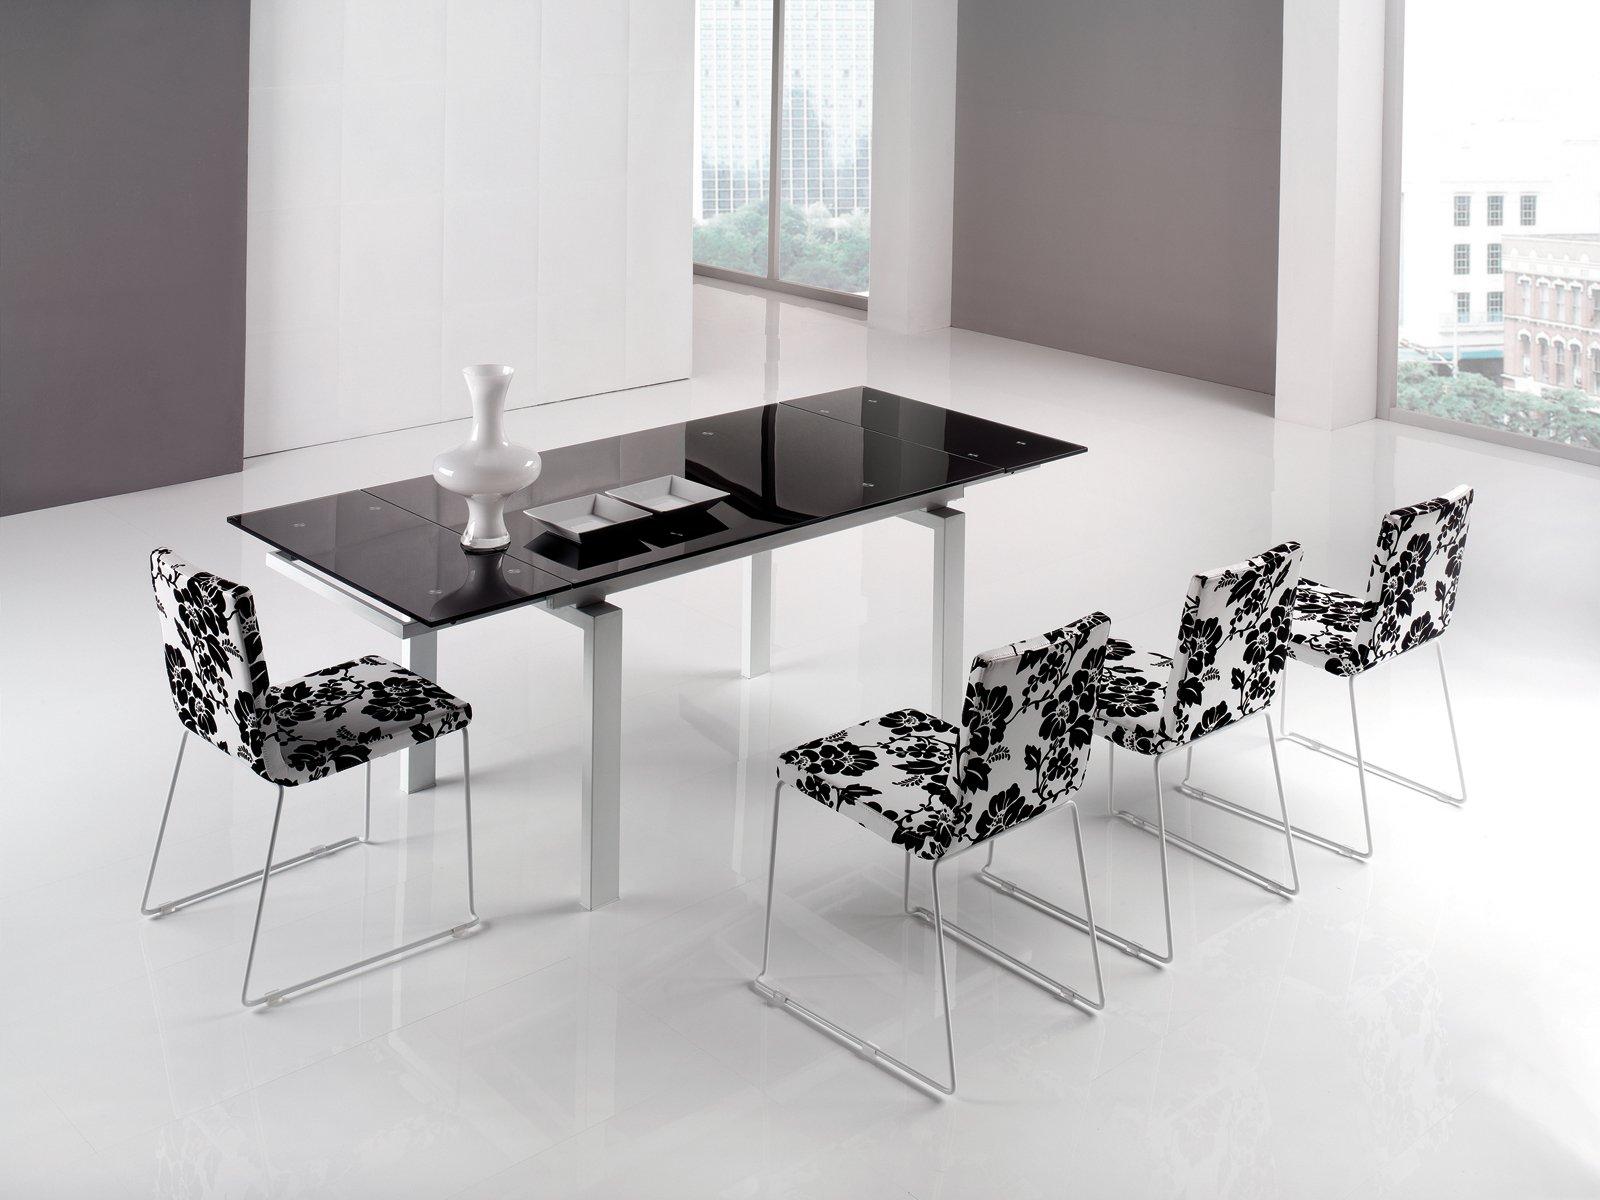 Planet Di Target Point è Allungabile Grazie Alle Prolunghe Laterali  #5A6D71 1600 1200 Sedie Per Tavolo Da Pranzo Ikea